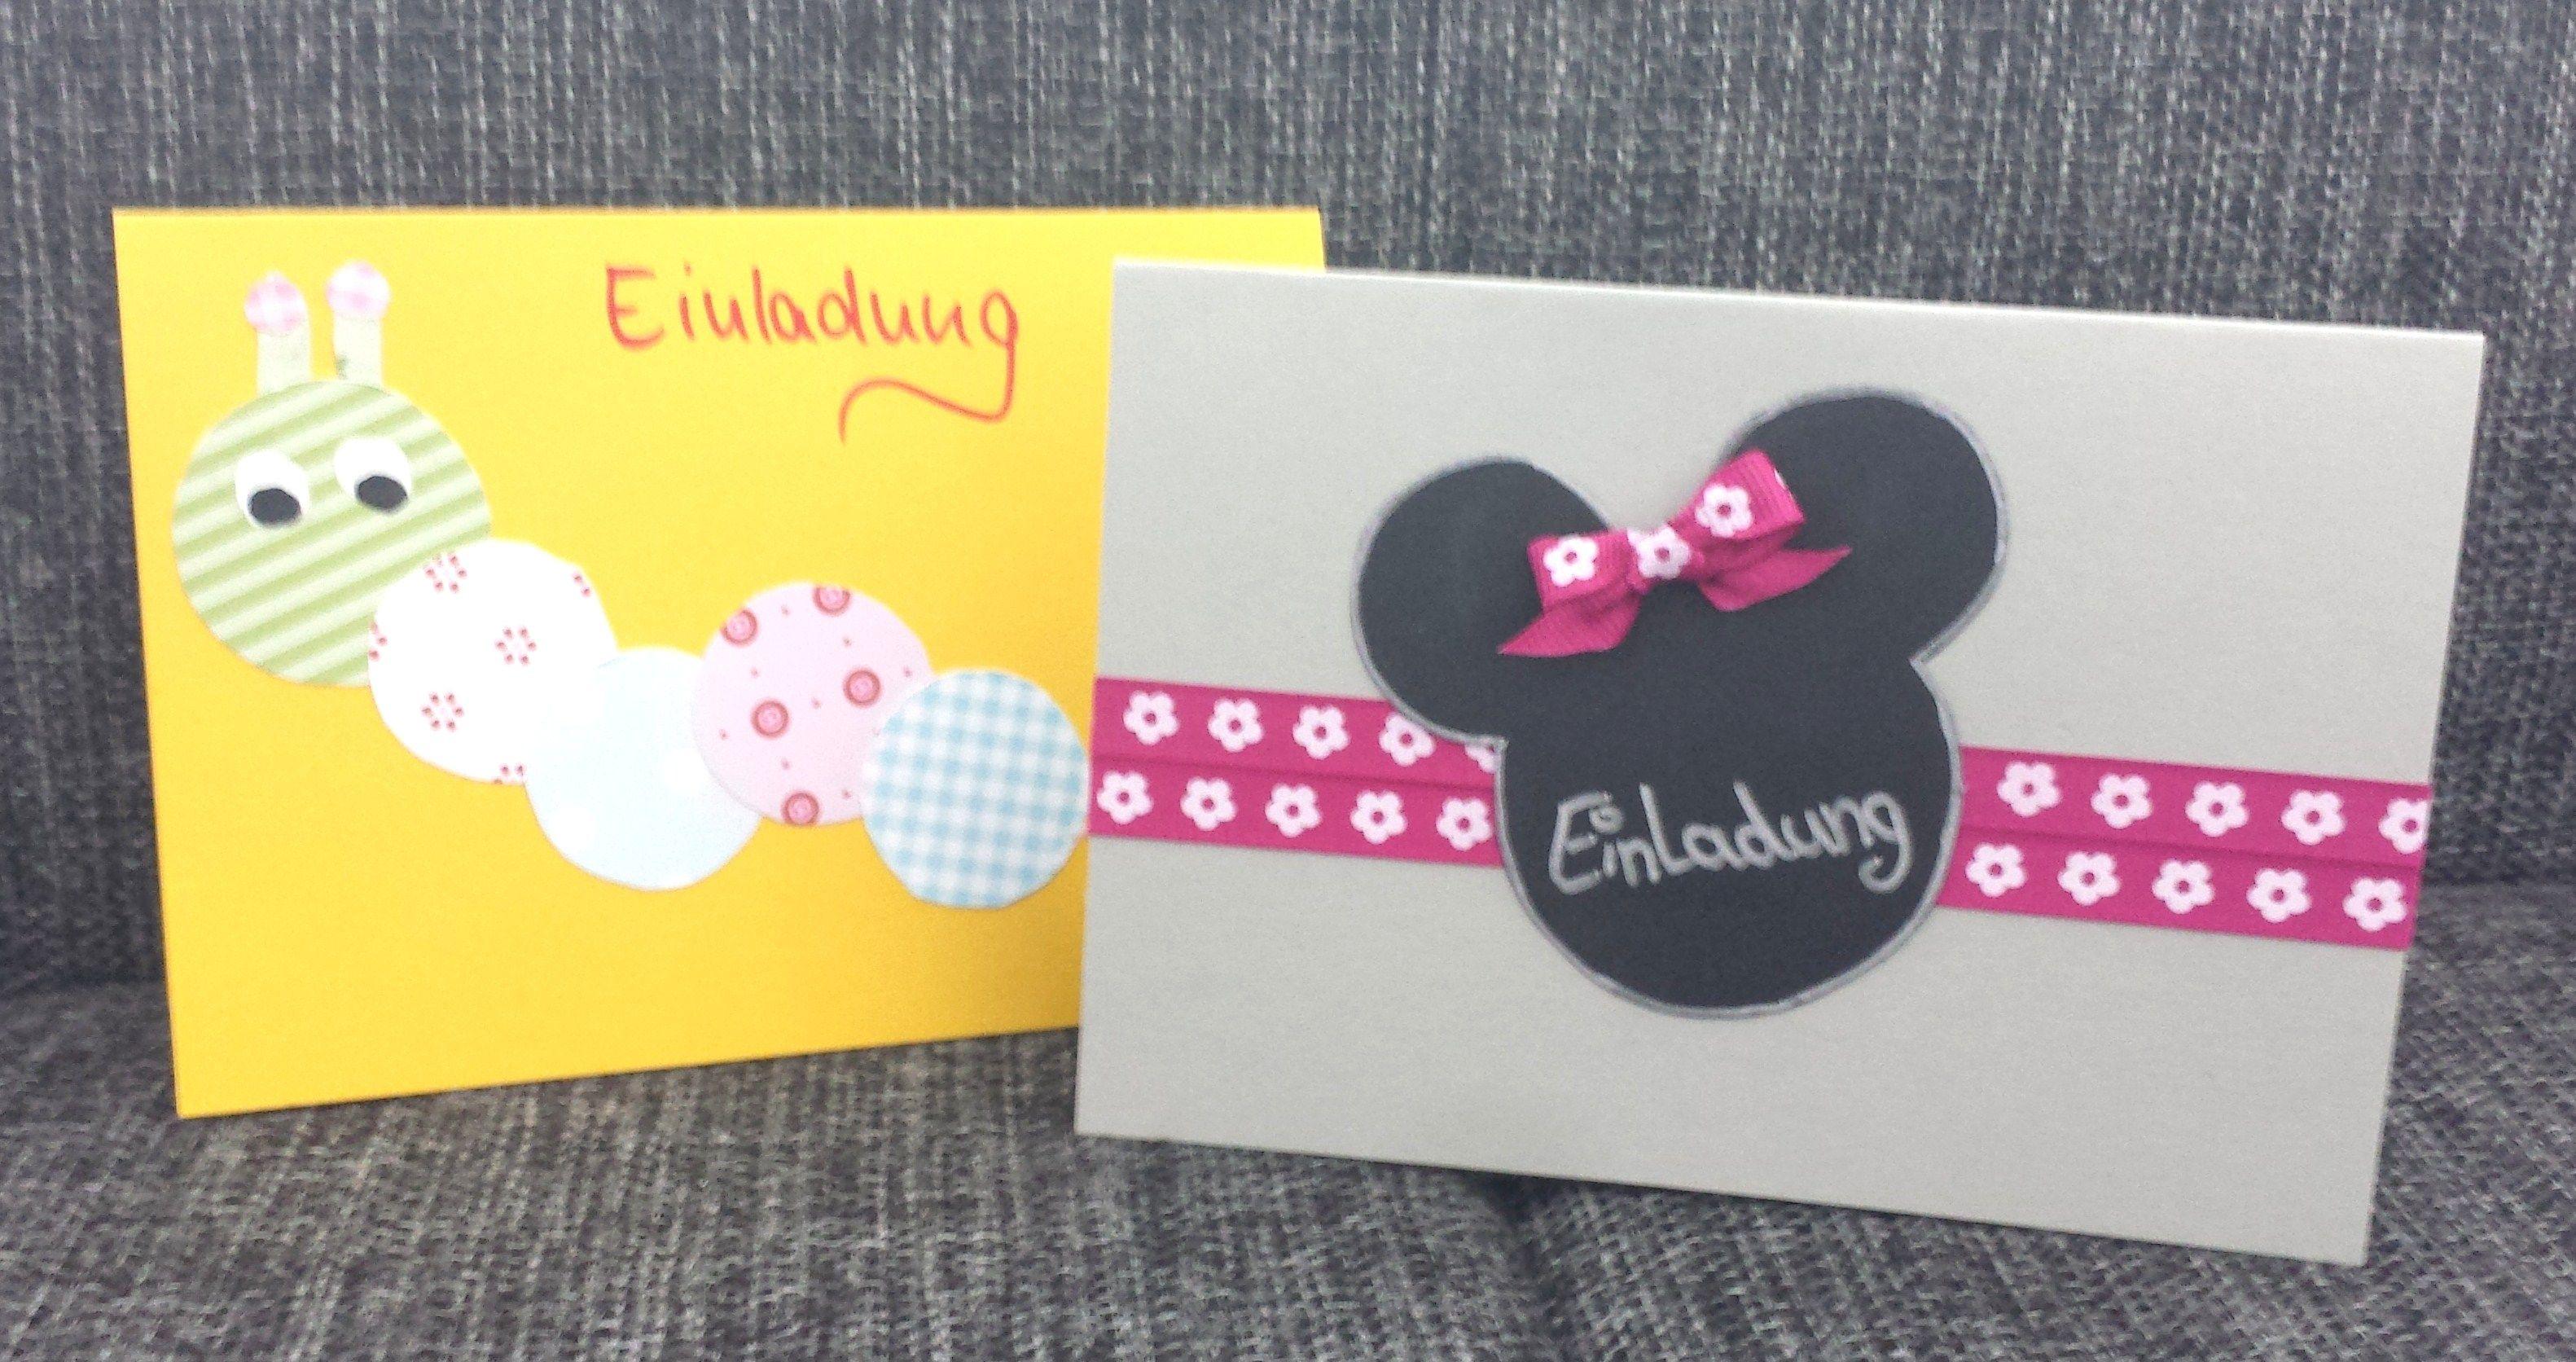 einladungskarten-kindergeburtstag-basteln-pferde | Einladungen ... - Einladungskarten Selber Basteln Geburtstag